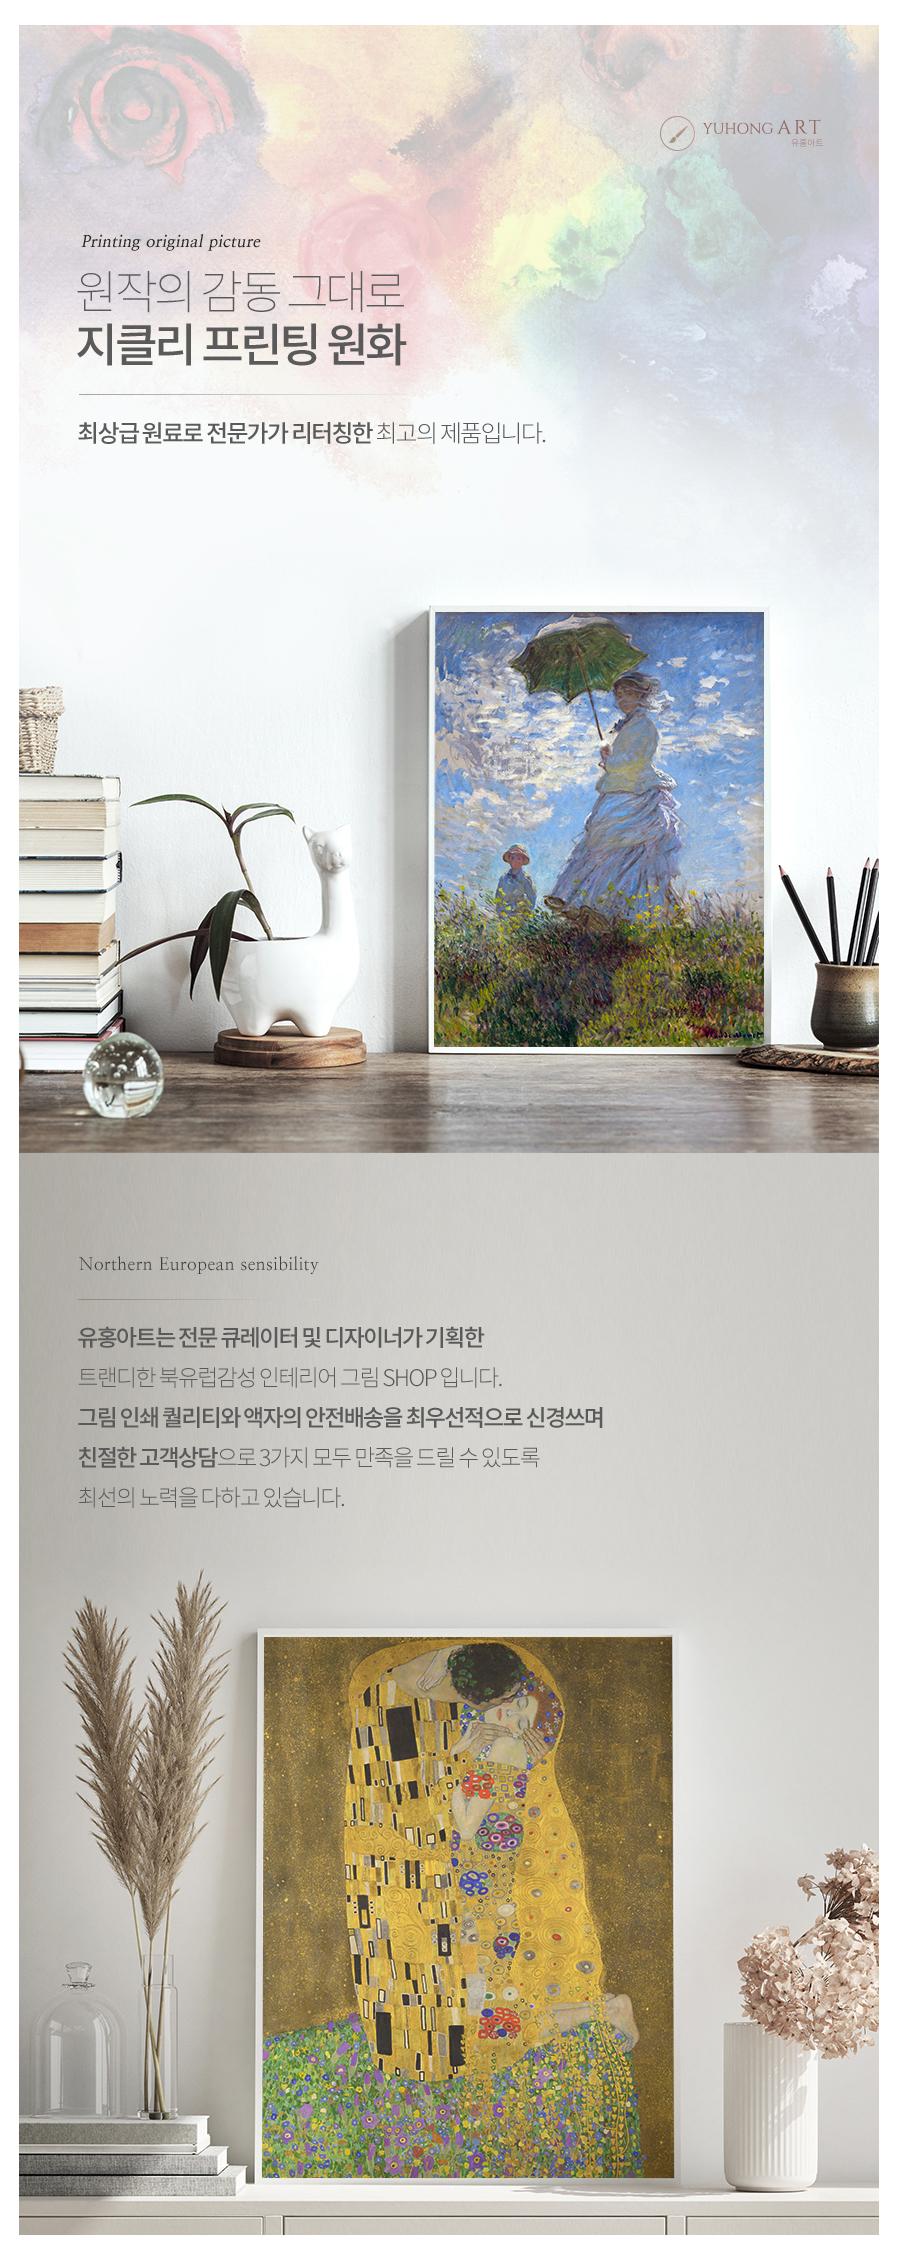 재물을 부르는 상큼 풋사과 No19 그림 액자 - 유홍아트, 15,000원, 액자, 벽걸이액자